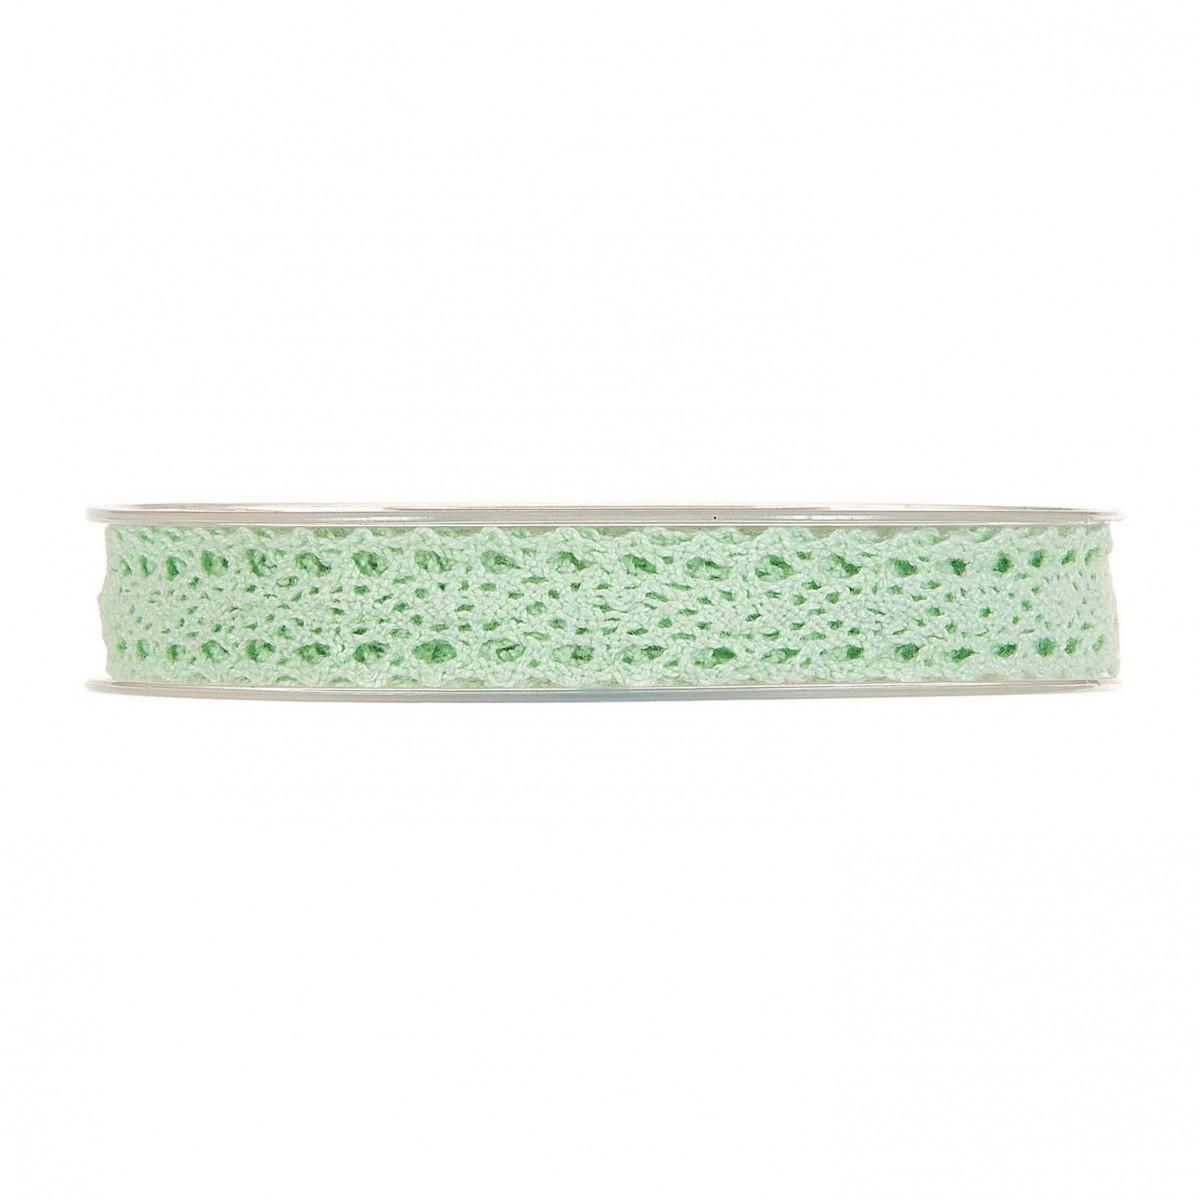 Nastro Small Lace mm 15 x 10 mt verde